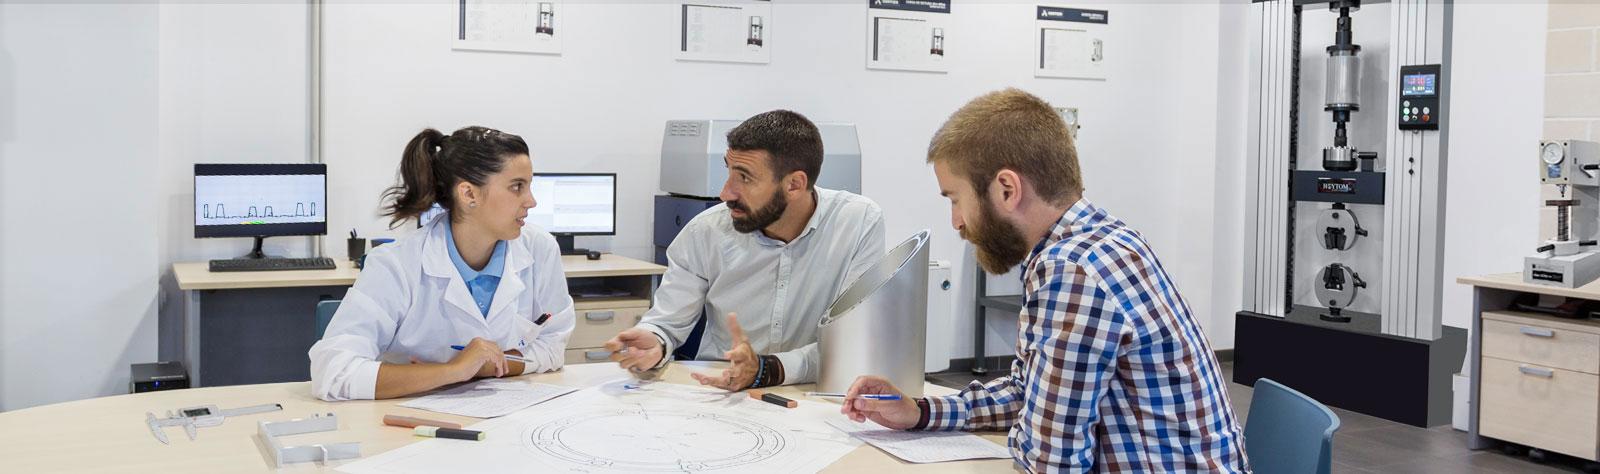 Mühendislik & Endüstriyel tasarım